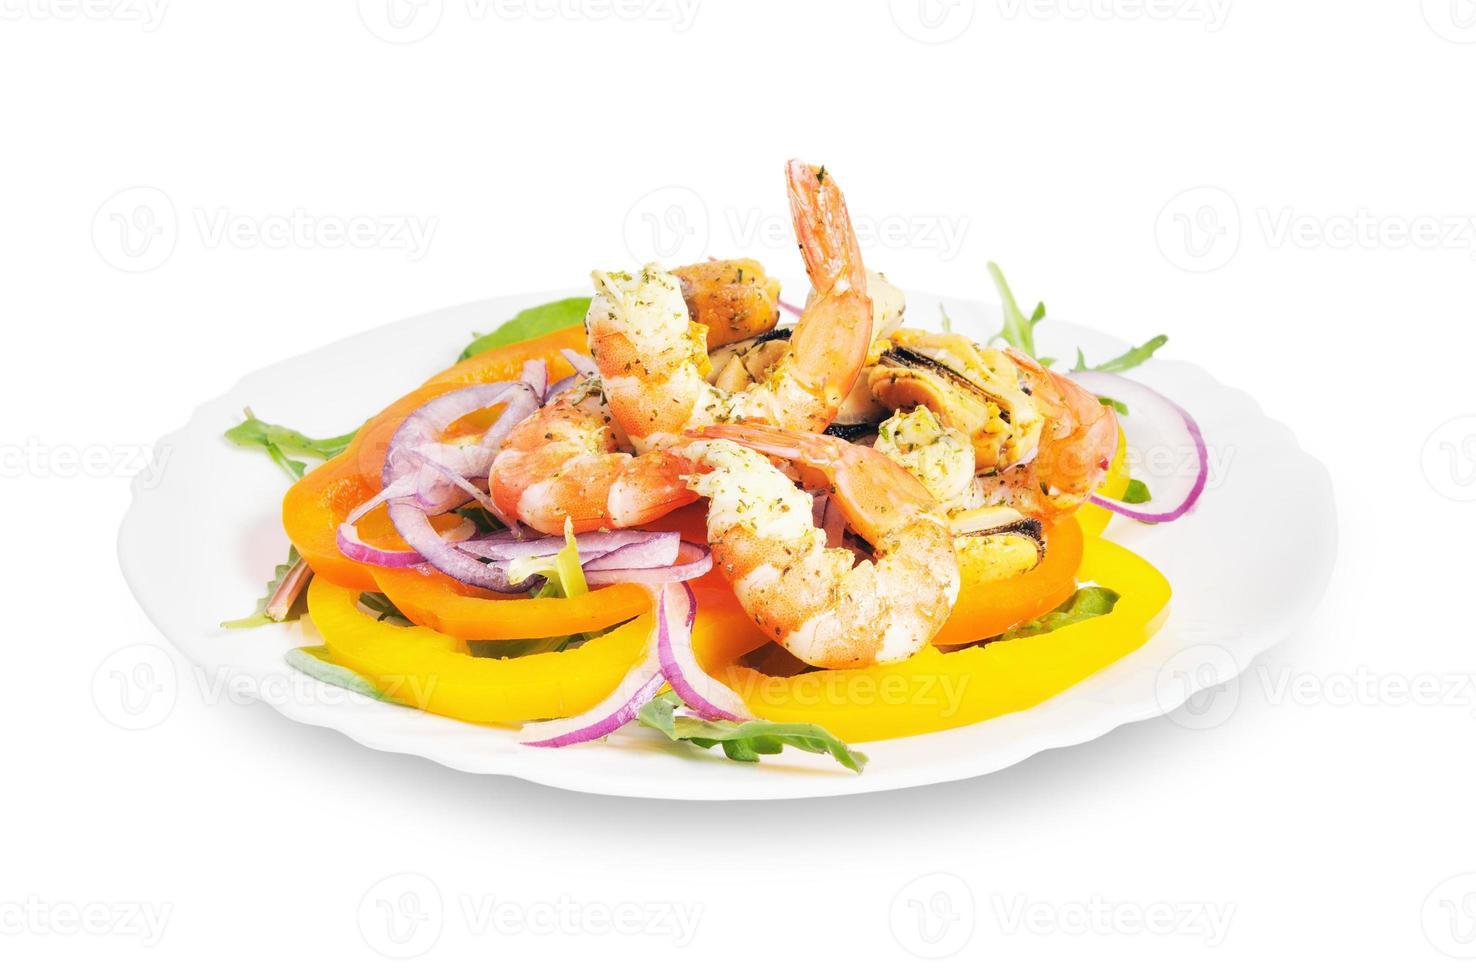 ensalada de camarones, mejillones, pimientos foto